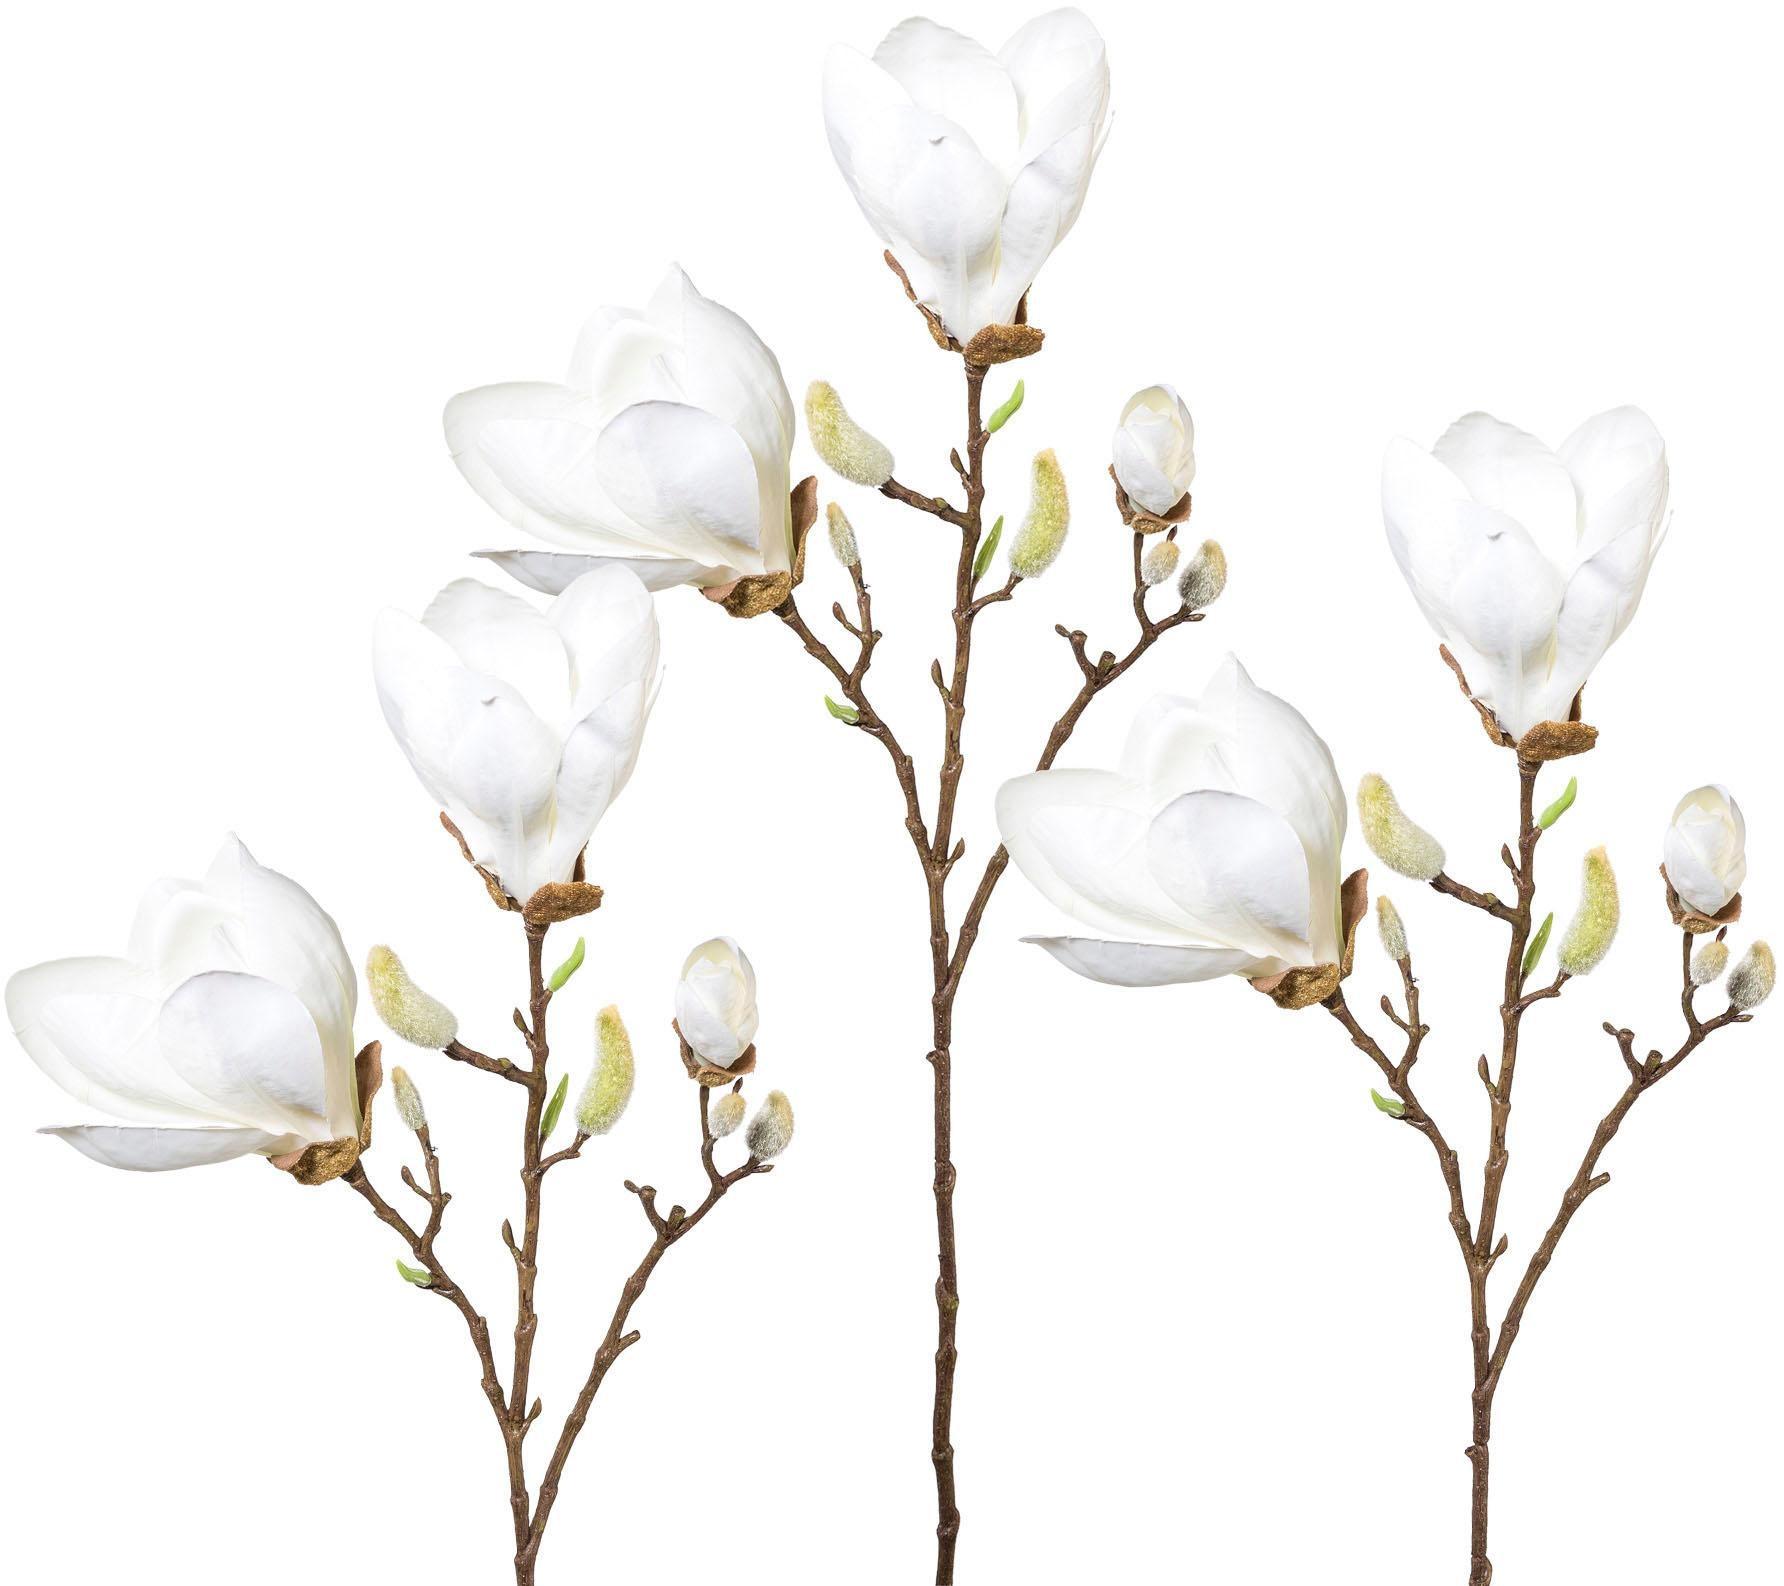 Kunstblume, 3er Set weiß Künstliche Zimmerpflanzen Kunstpflanzen Wohnaccessoires Kunstblume